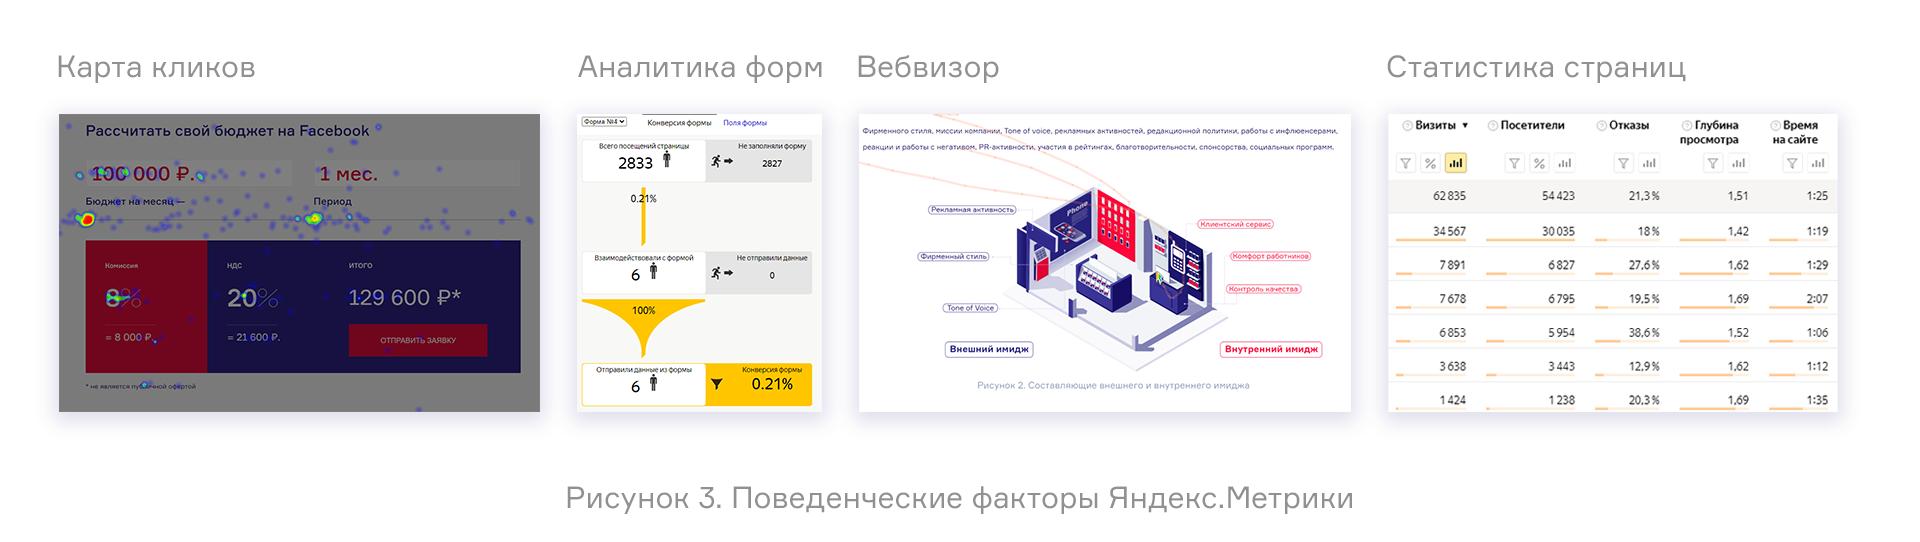 Поведенческие факторы яндекс 1-й Басманный переулок размещение по каталогам Улица Свободы